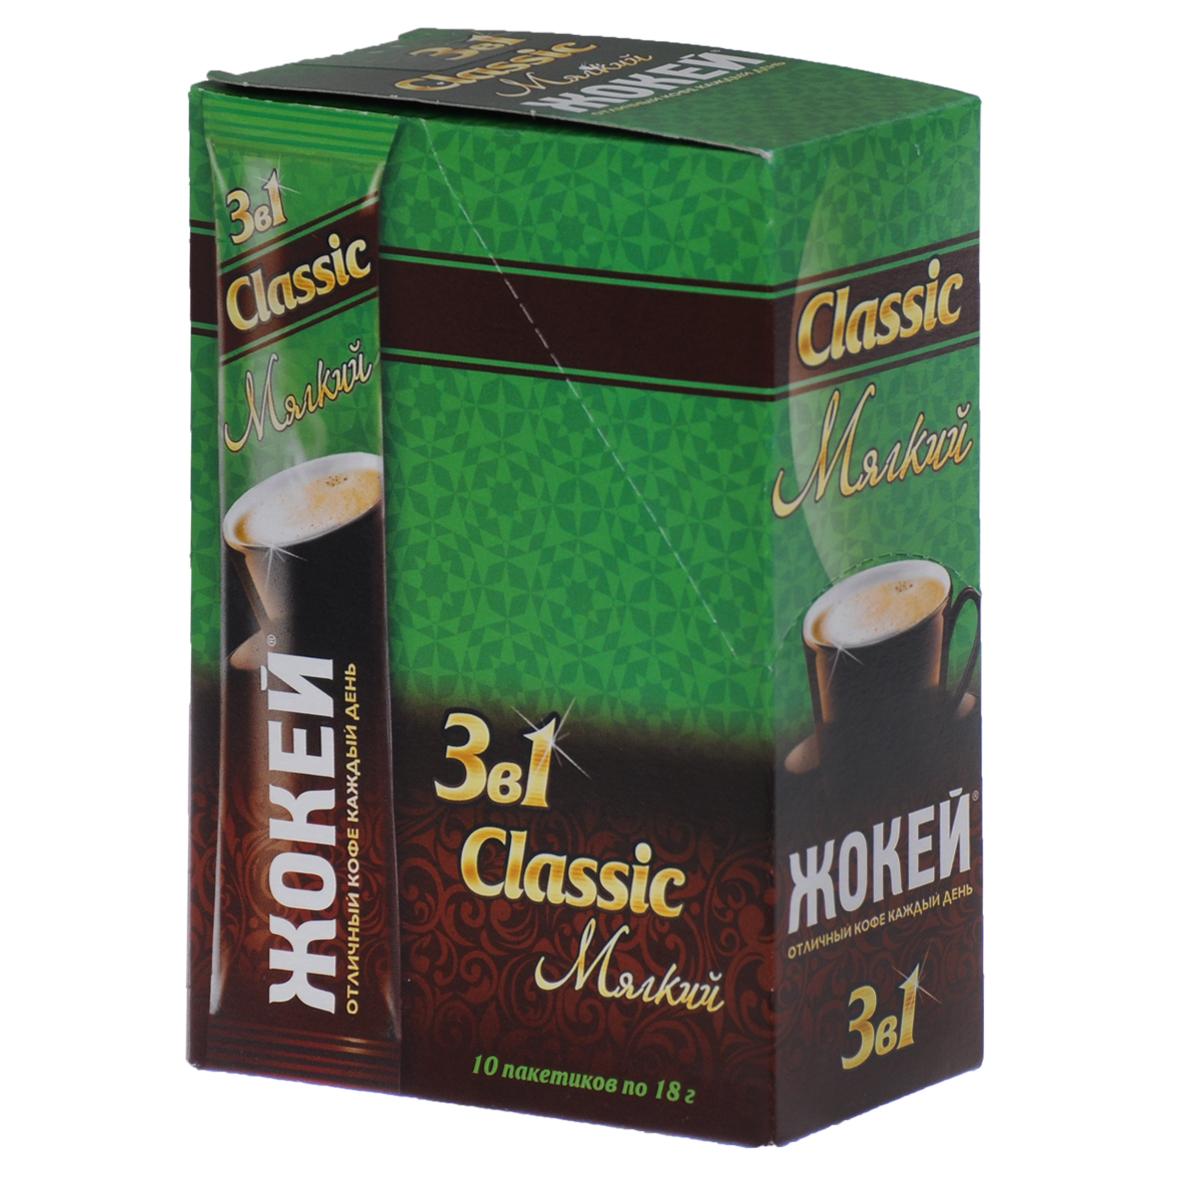 Жокей Classic растворимый кофейный напиток, 10 шт0954-20Жокей Classic - растворимый кофе с сахаром и сливками. Классическое сочетание кофе, сливок и сахара.